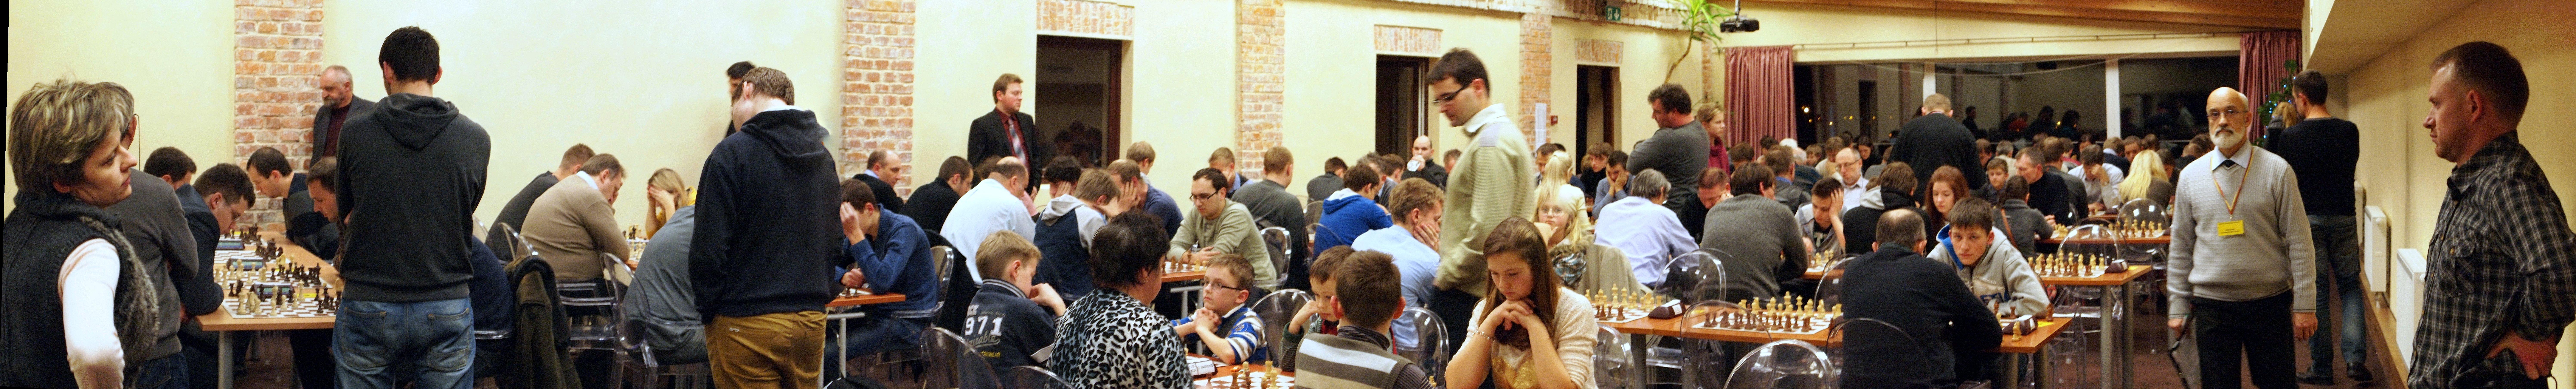 greitųjų šachmatų atvirasis Lietuvos čempionatas, 2013 metų lapkričio 30 d.